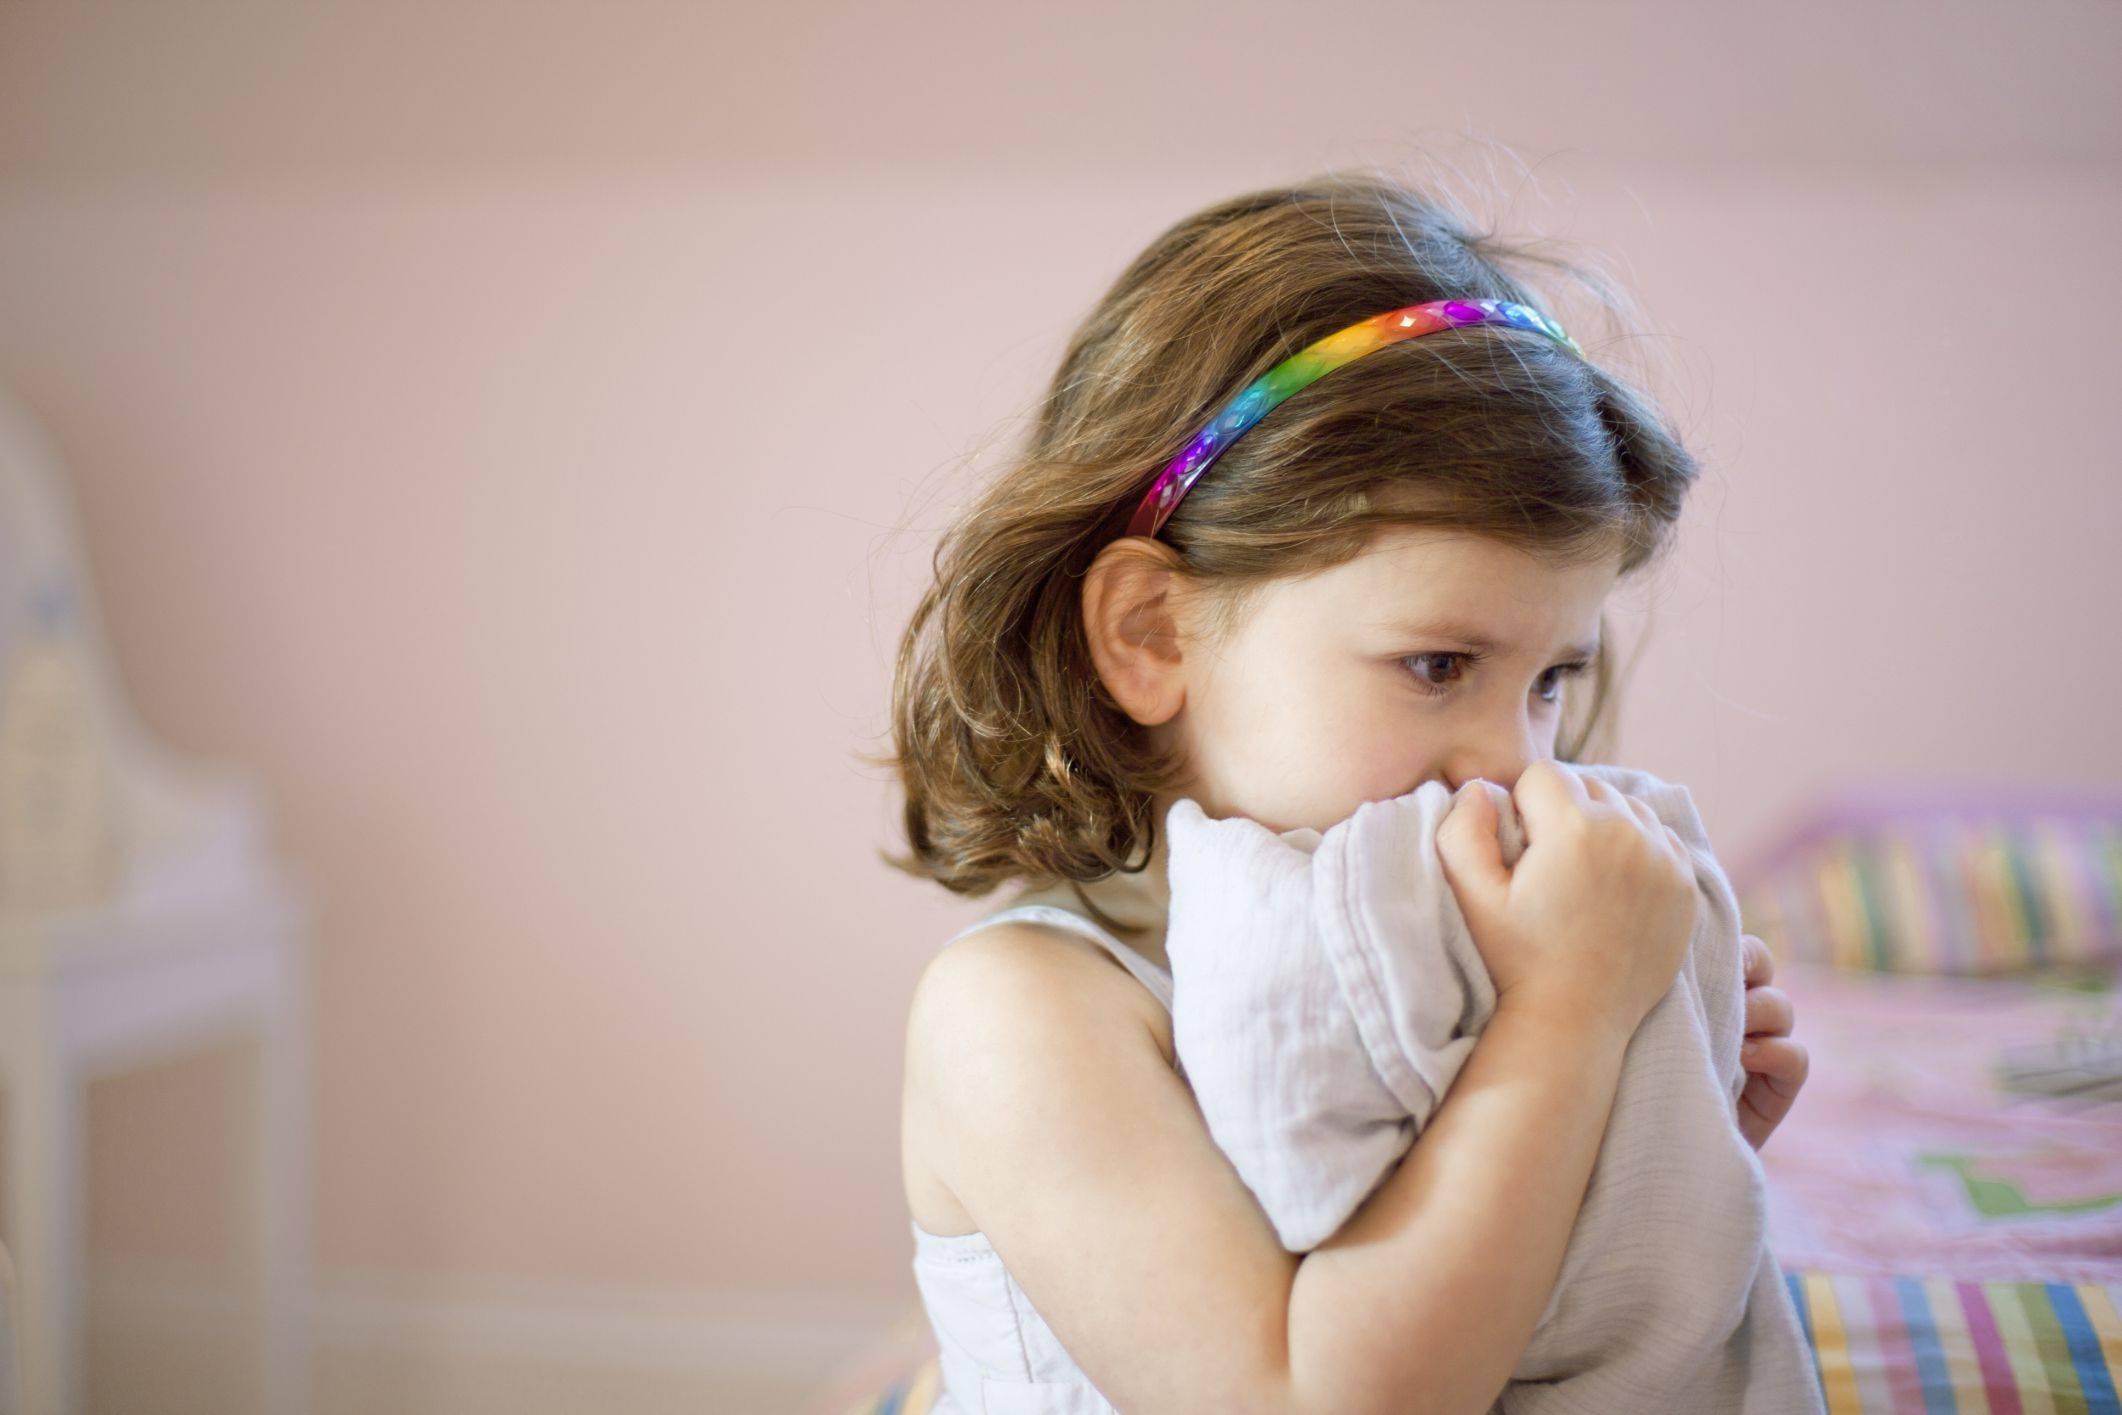 Как отличить проблемы развития от плохого воспитания: 4 тревожных сигнала